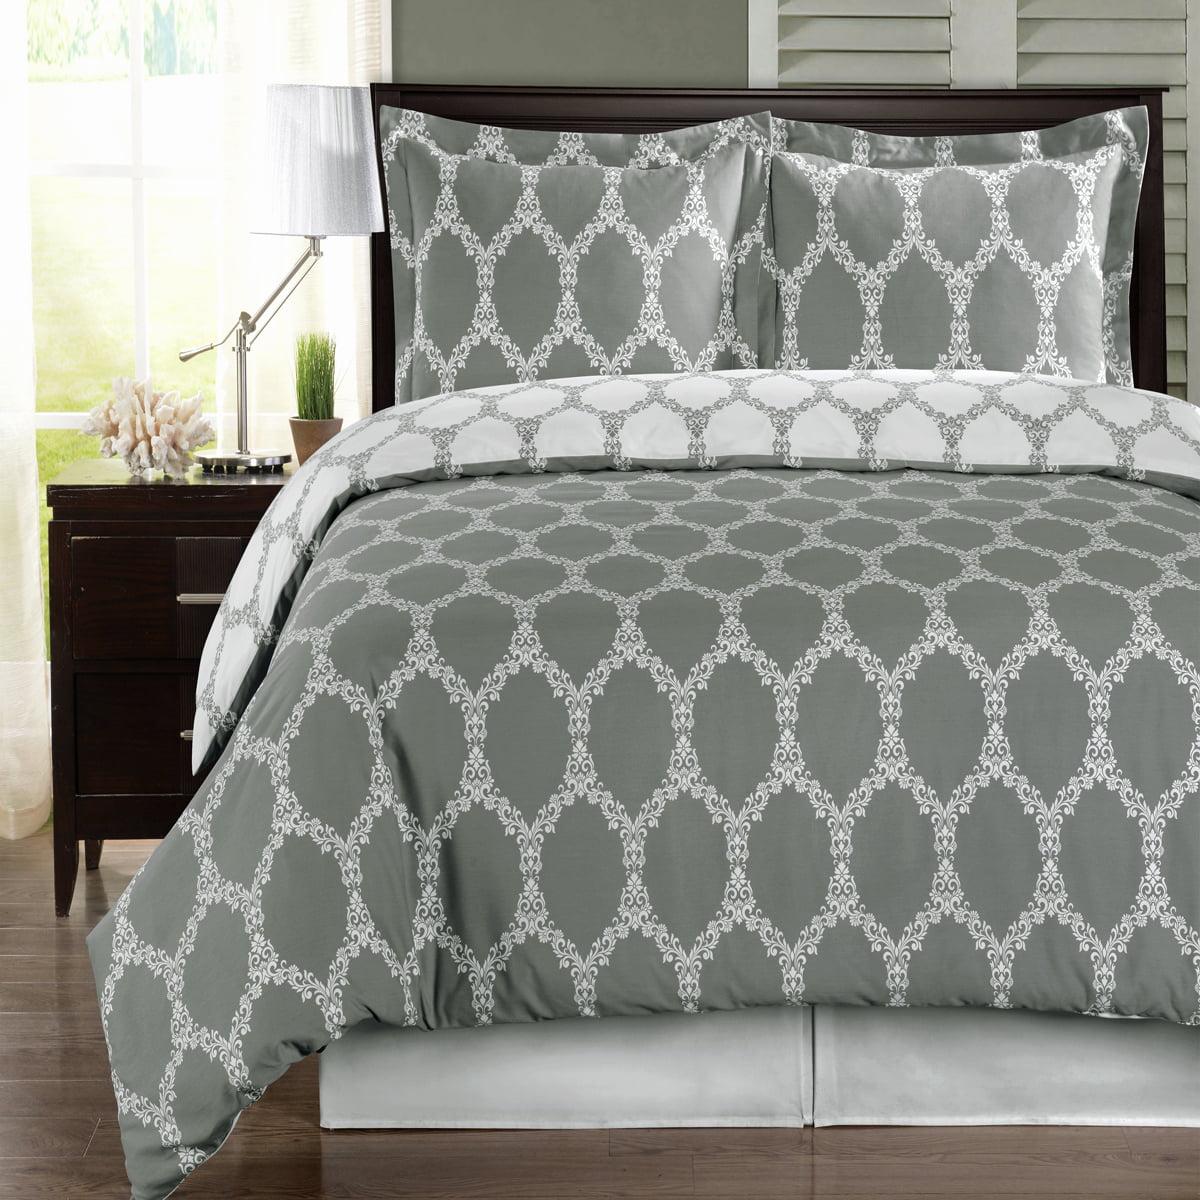 100/% Cotton 2-3 Pieces Duvet Cover Set Pillow Shams 300TC Solid Ultra Soft Set